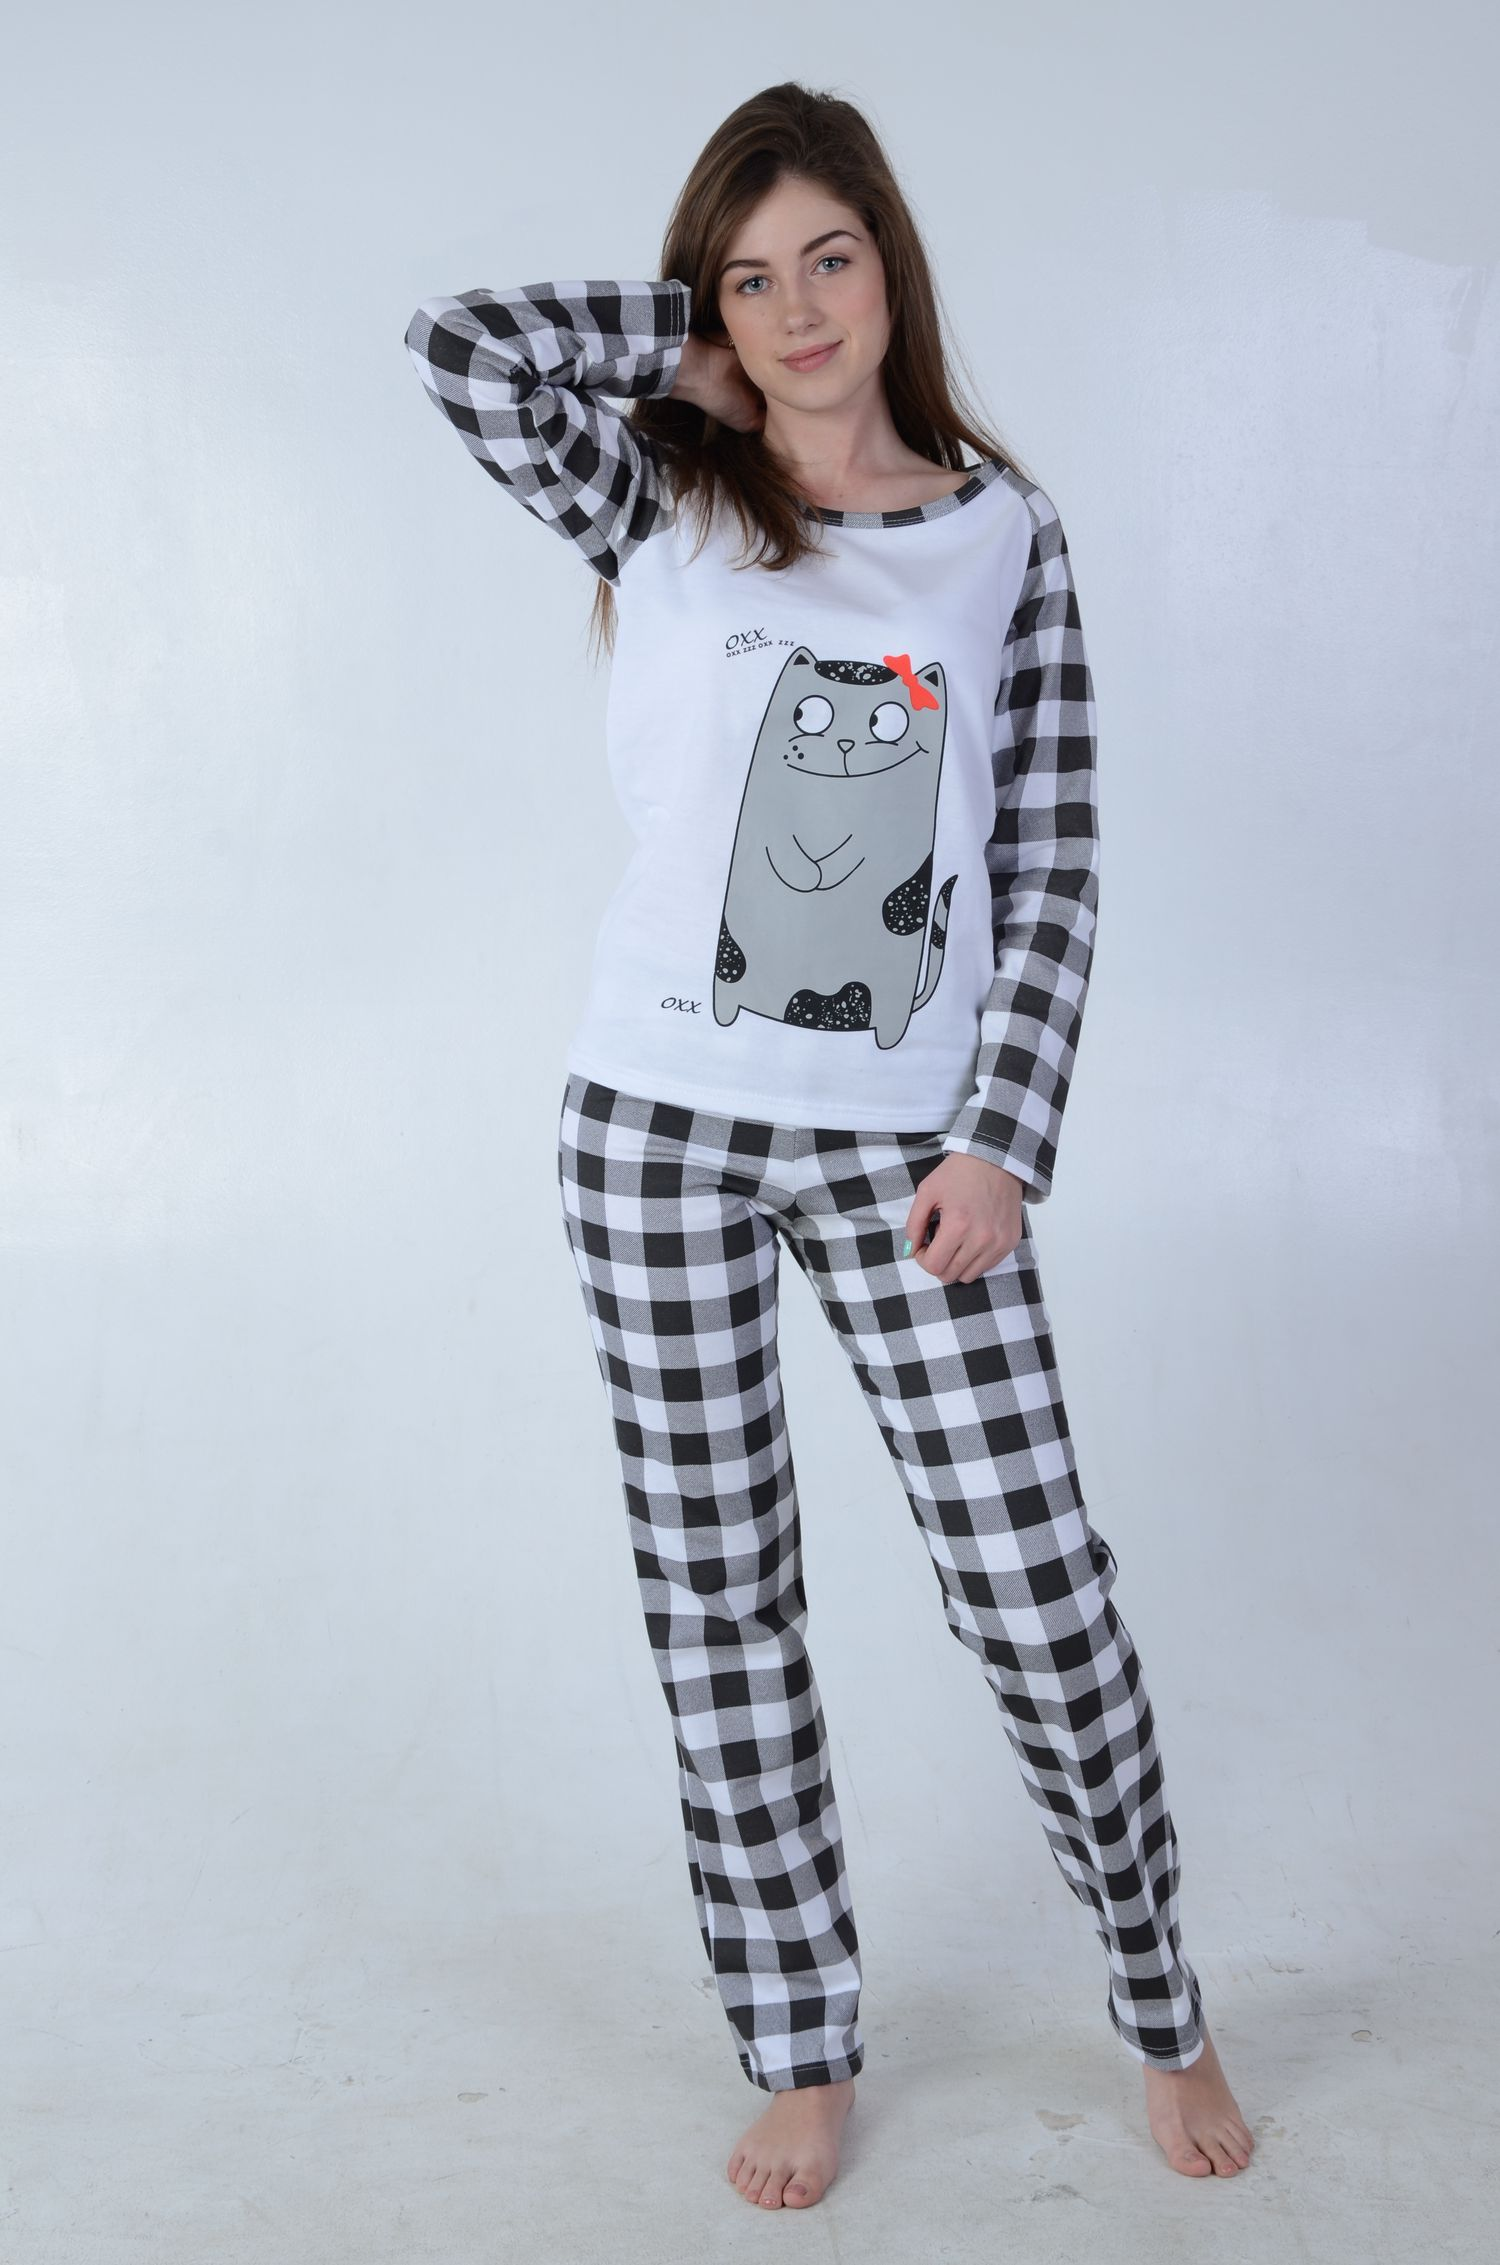 e17c0d893a89 Пижамы женские, ночные сорочки женские трикотажные. Халаты ...